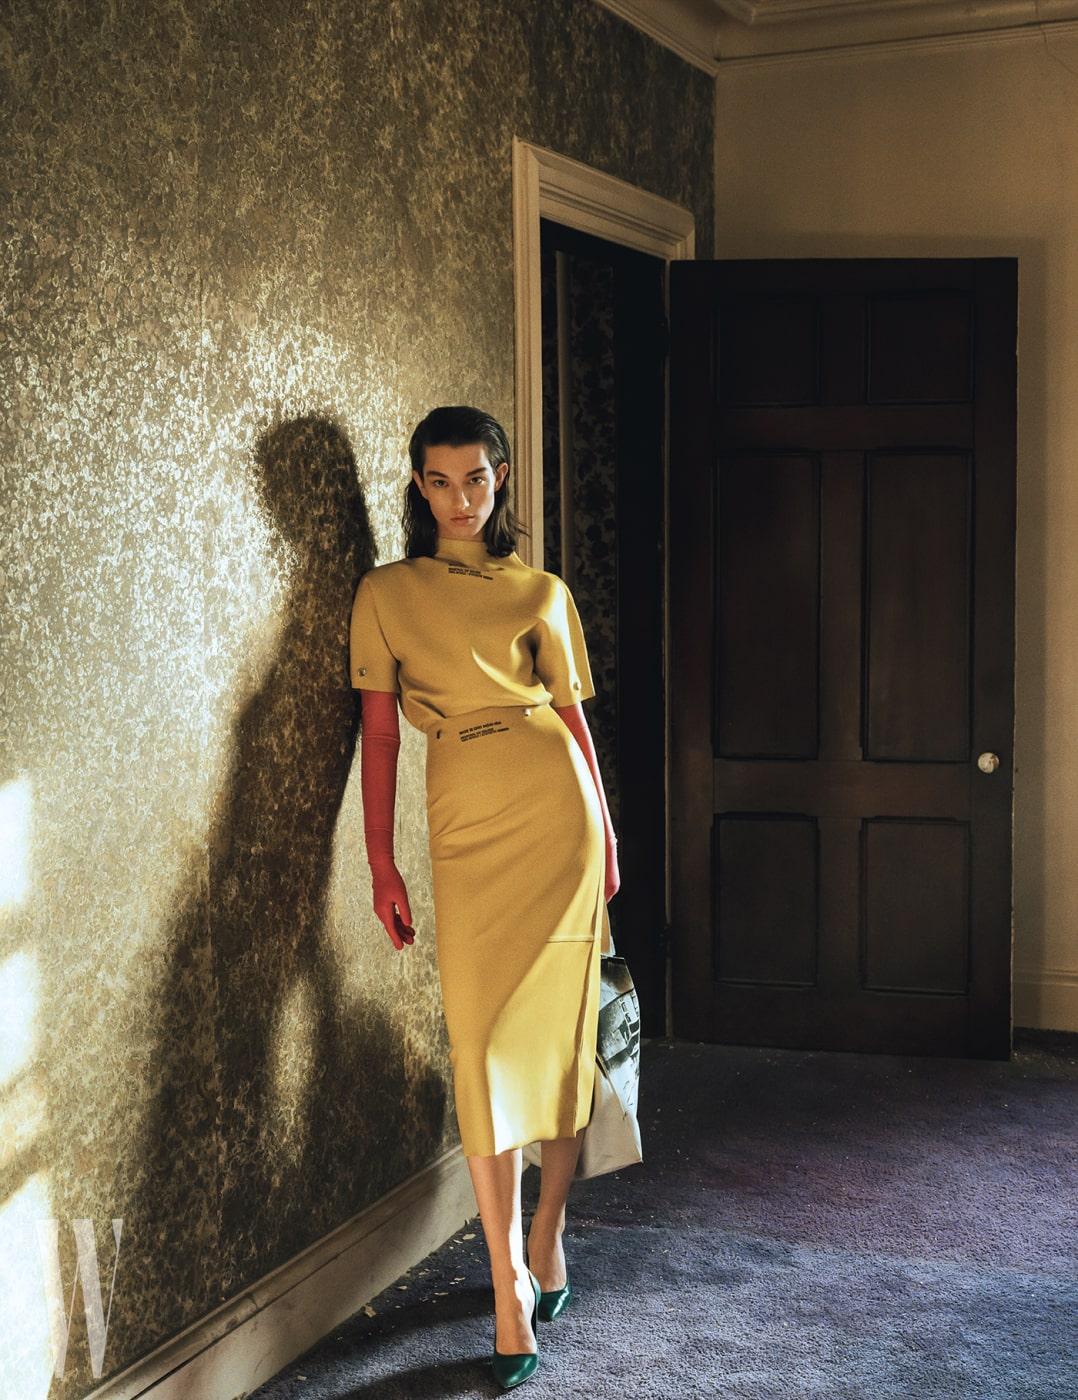 노란색 러버 소재 톱과 시가렛 스커트, 분홍색 라텍스 소재의 긴 장갑, 초록색 가죽 펌프스, 숄더백은 모두 Calvin Klein 205W39NYC 제품.